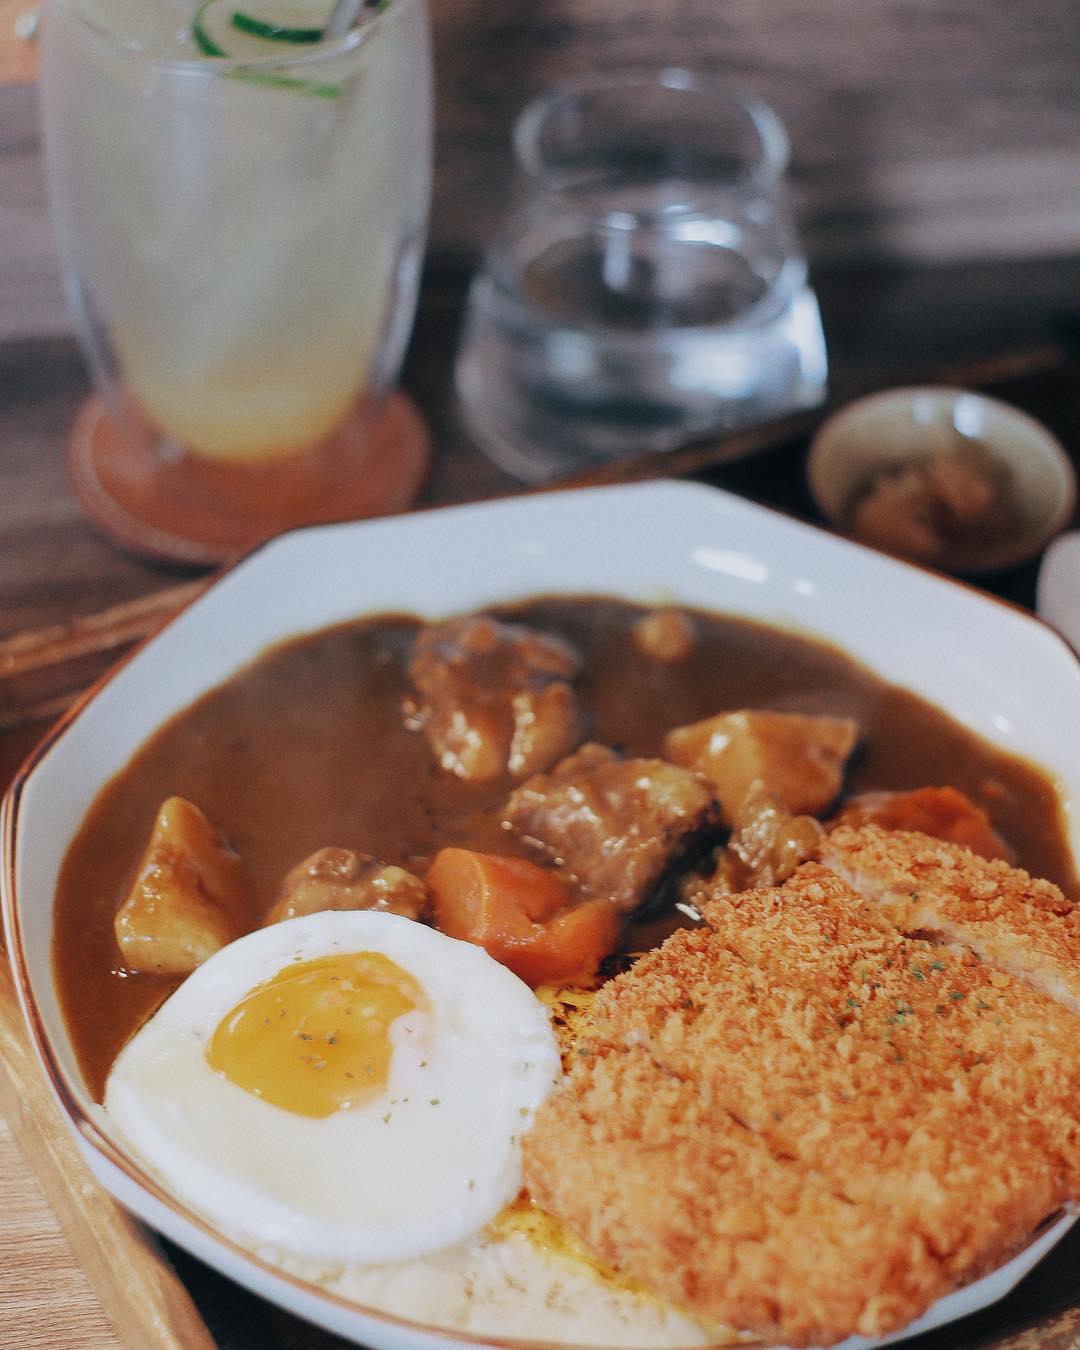 炸得香酥的豬排,搭配富士自製咖哩和荷包蛋,實在享受!